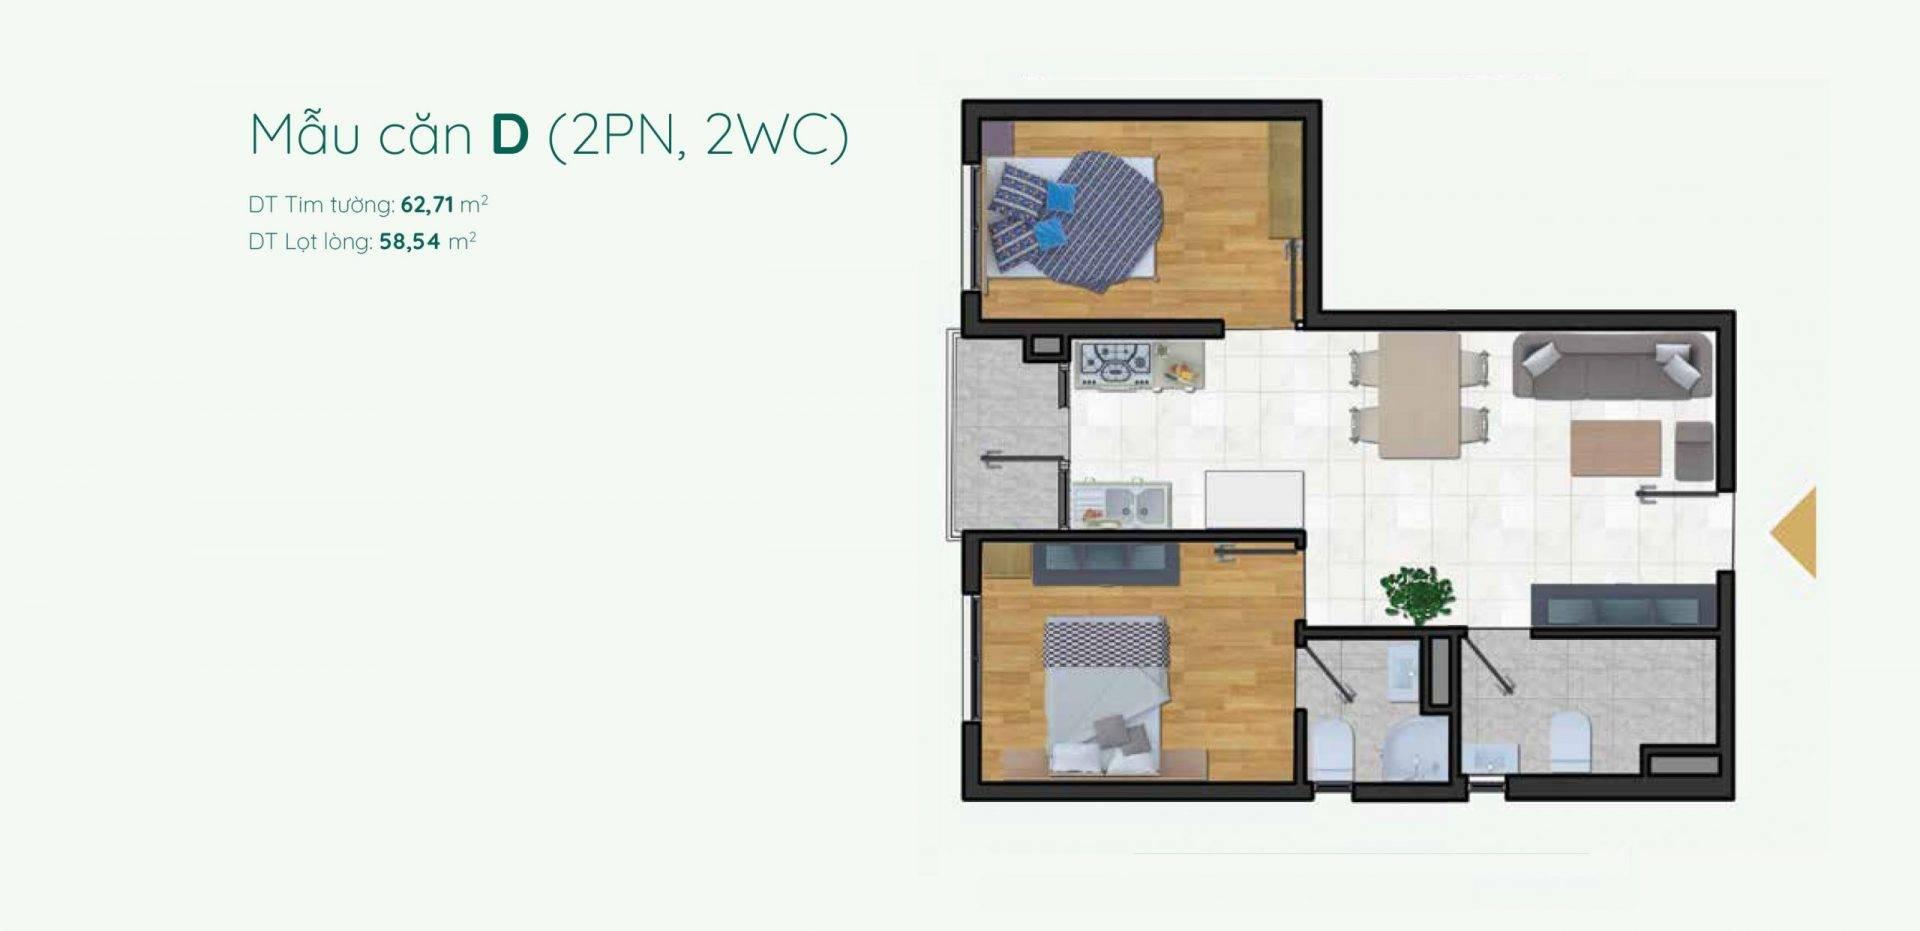 Thiết kế mẫu D căn hộ 2 phòng ngủ Minh Quốc Plaza